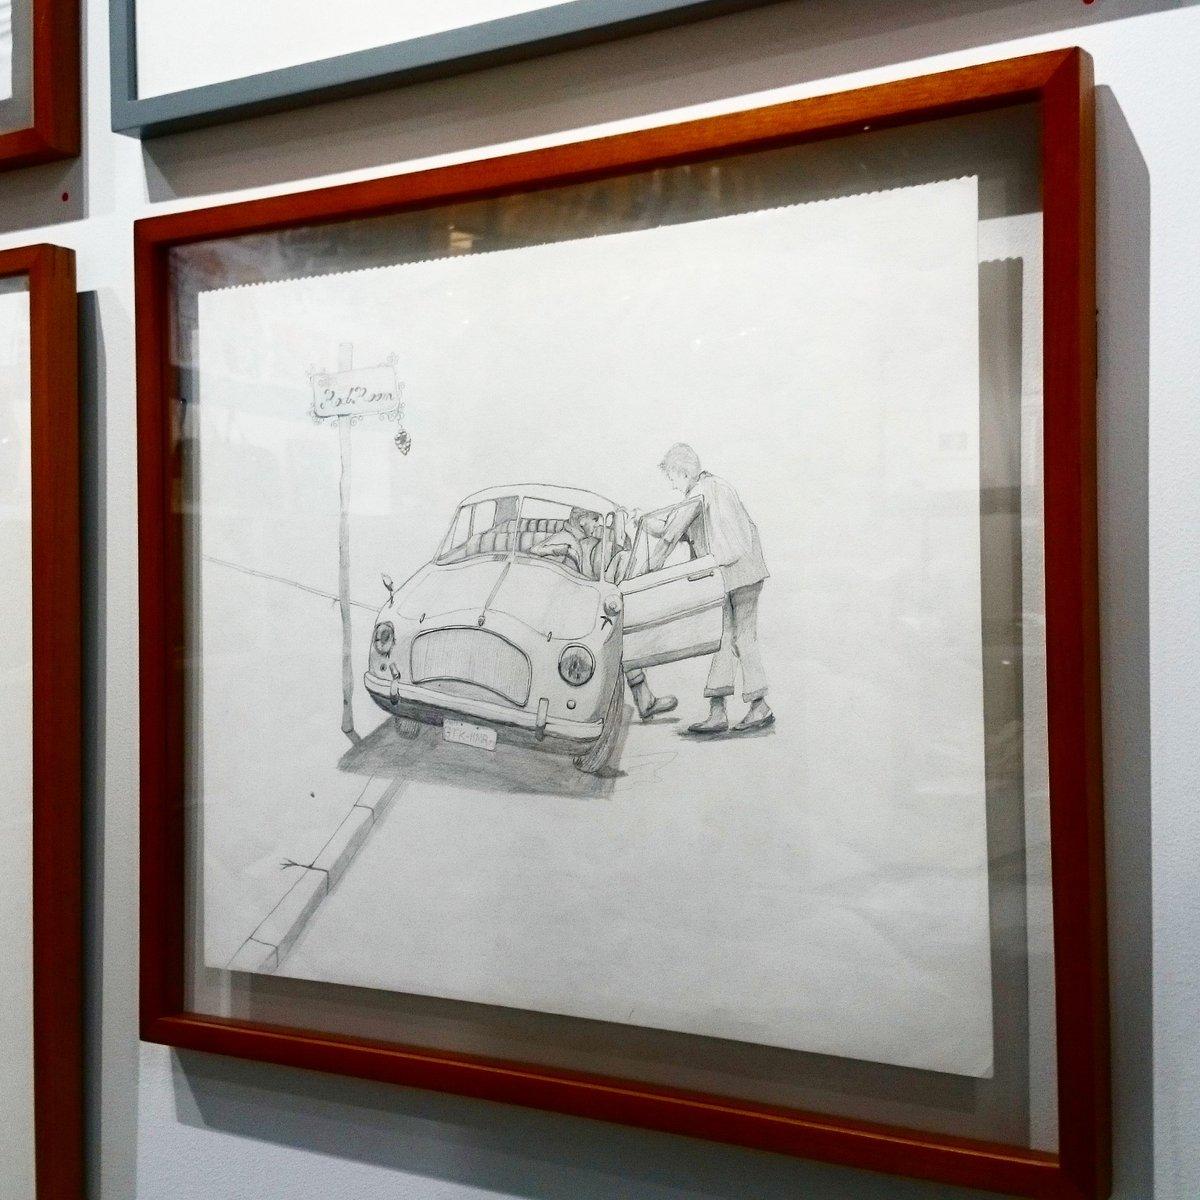 【浅井健一 個展 『FRED & SUSAN』】  10代の頃に描かれた作品「友達」。 貴重な原画作品を見られるのもこの展覧会が最後です!! また、ご購入いただける作品も残りあと2点! https://t.co/ND34PSKQor https://t.co/WWrIaGnKh2